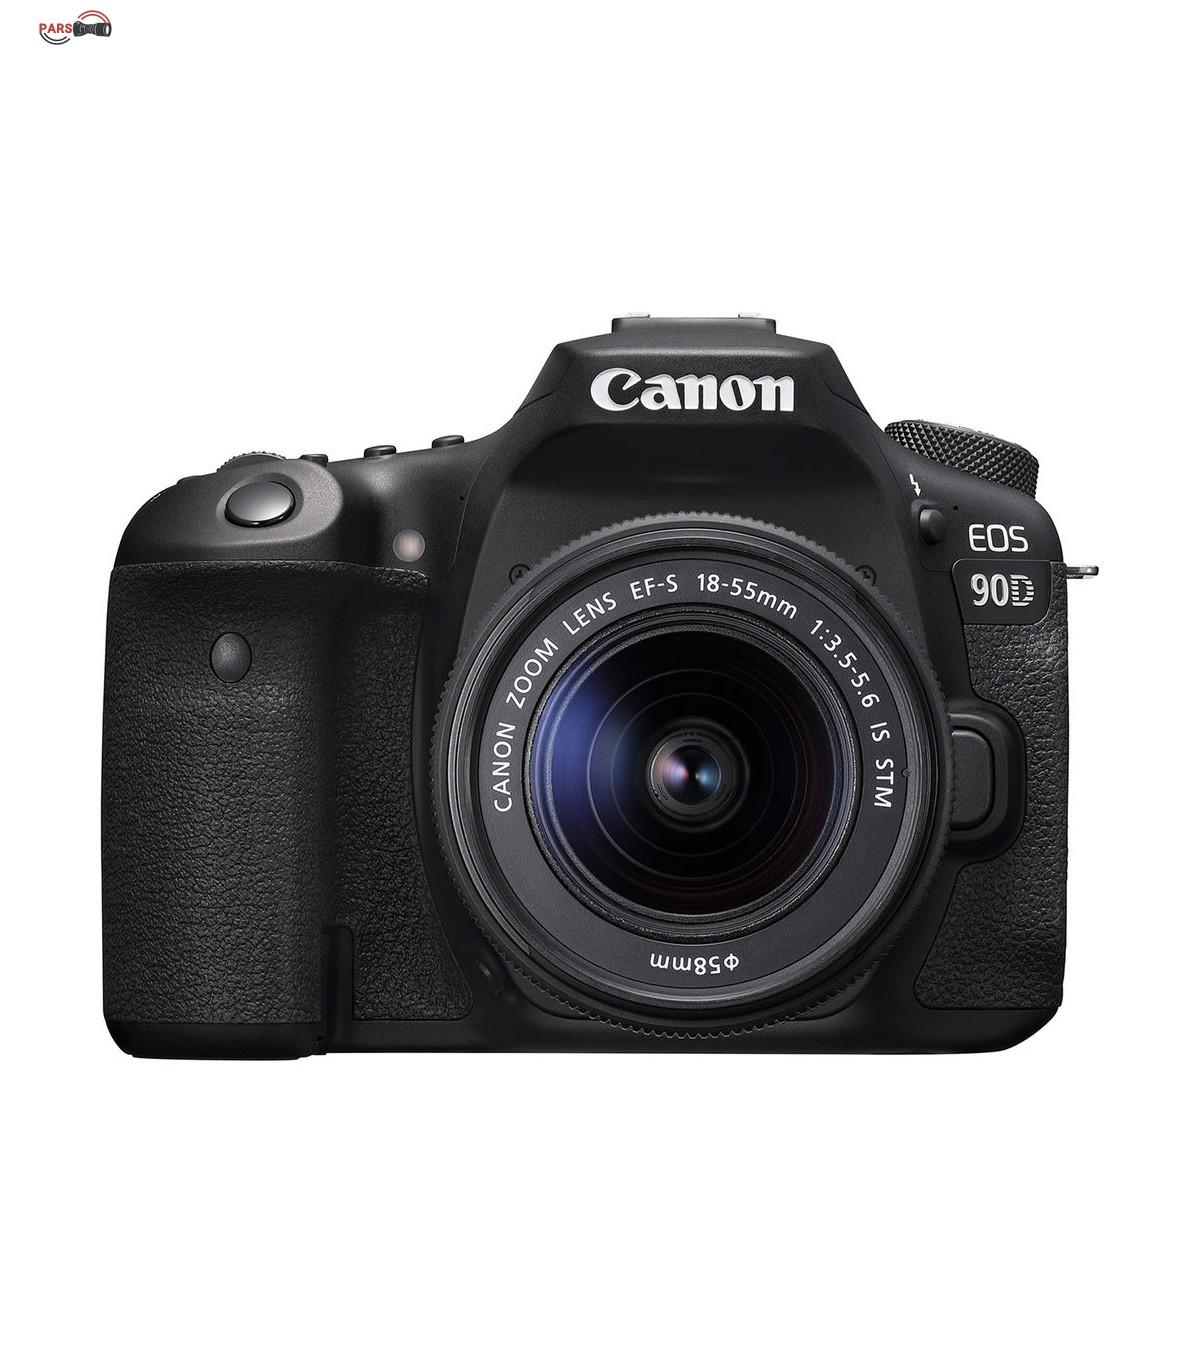 دوربین عکاسی کانن مدل EOS 90D لنز 55-18 میلی متر IS USM